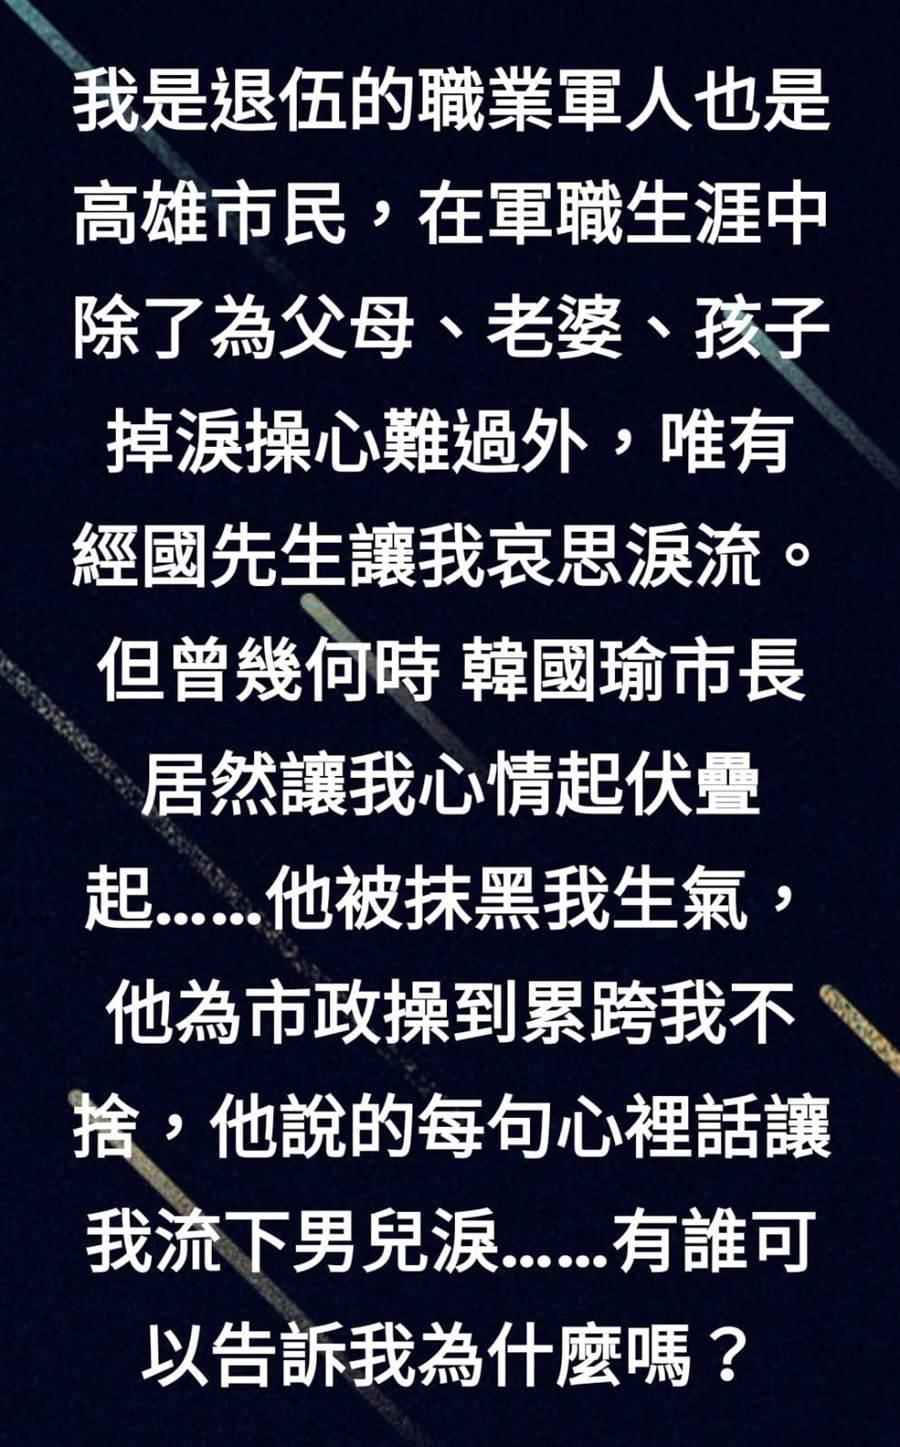 網友臉書發文。(圖/翻攝自臉書「韓國瑜鐵粉後援會」)